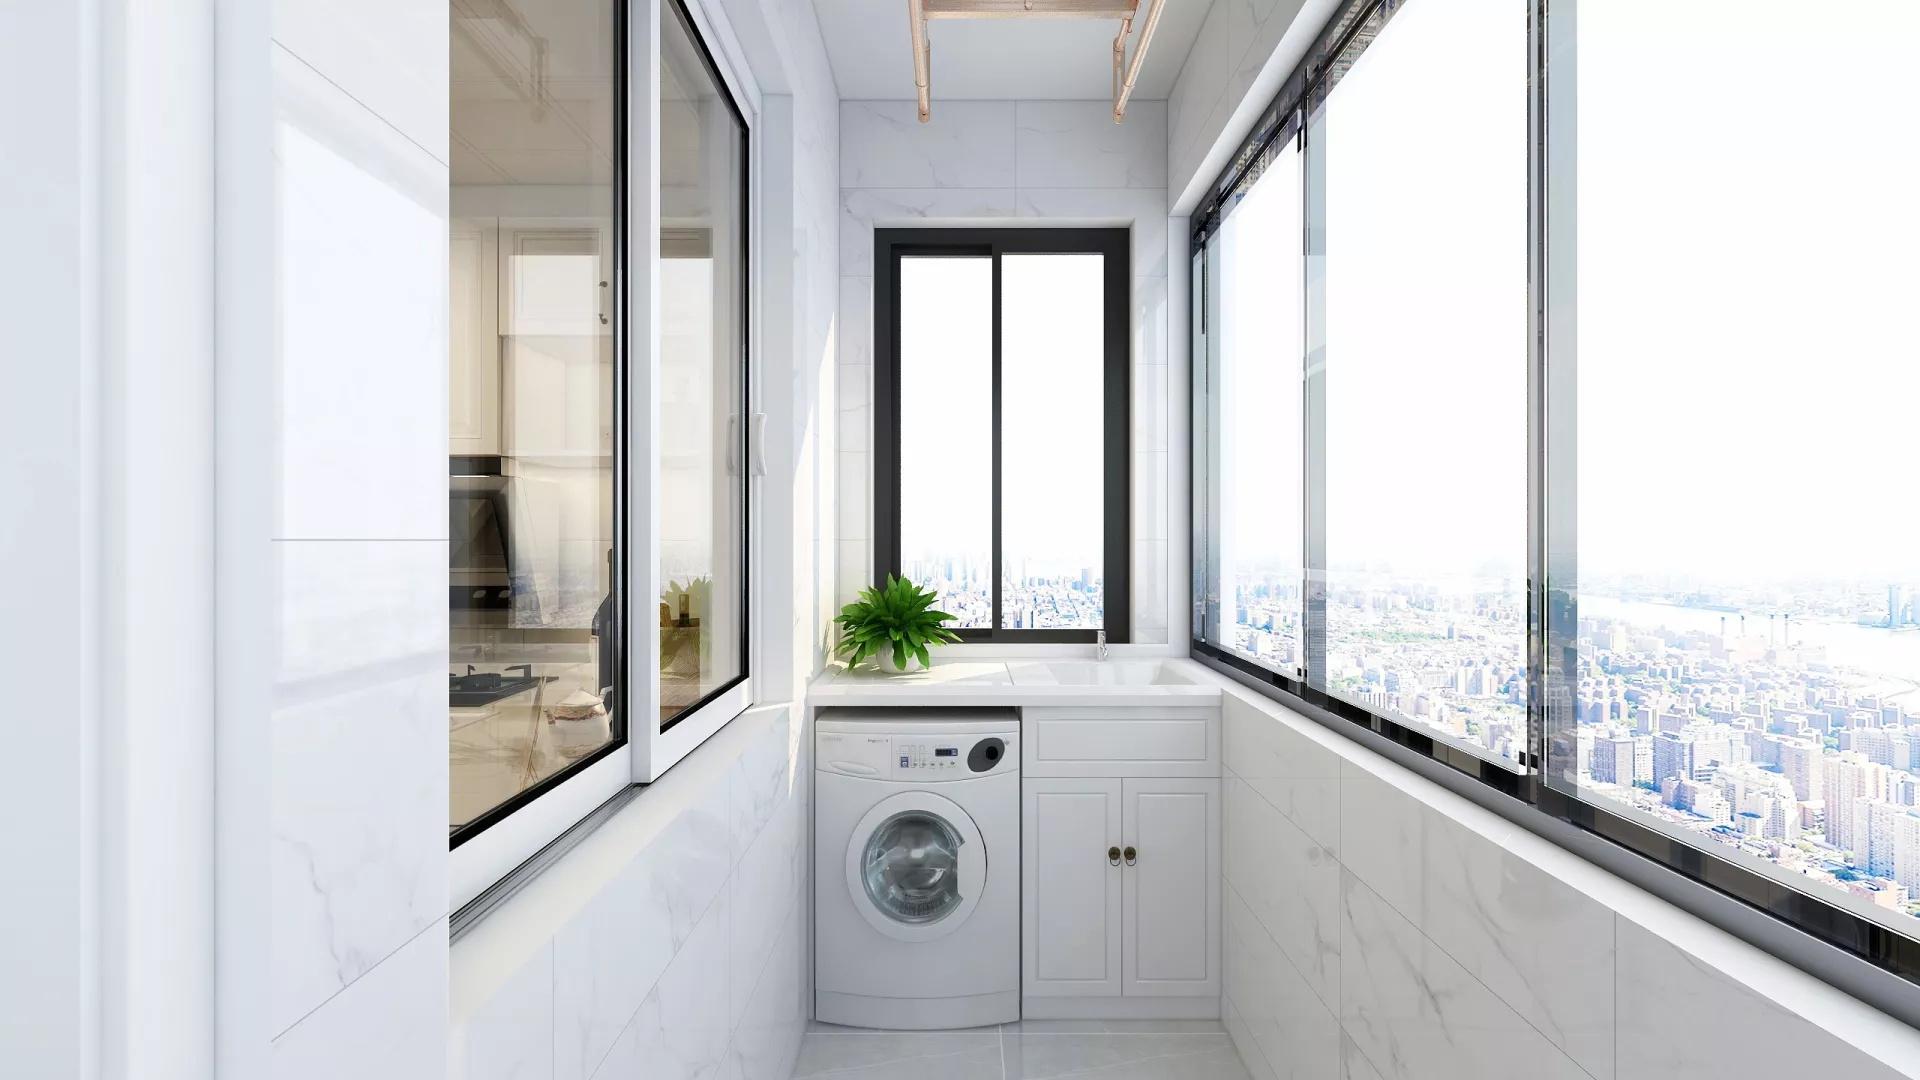 现代时尚风格厨房吧台设计效果图